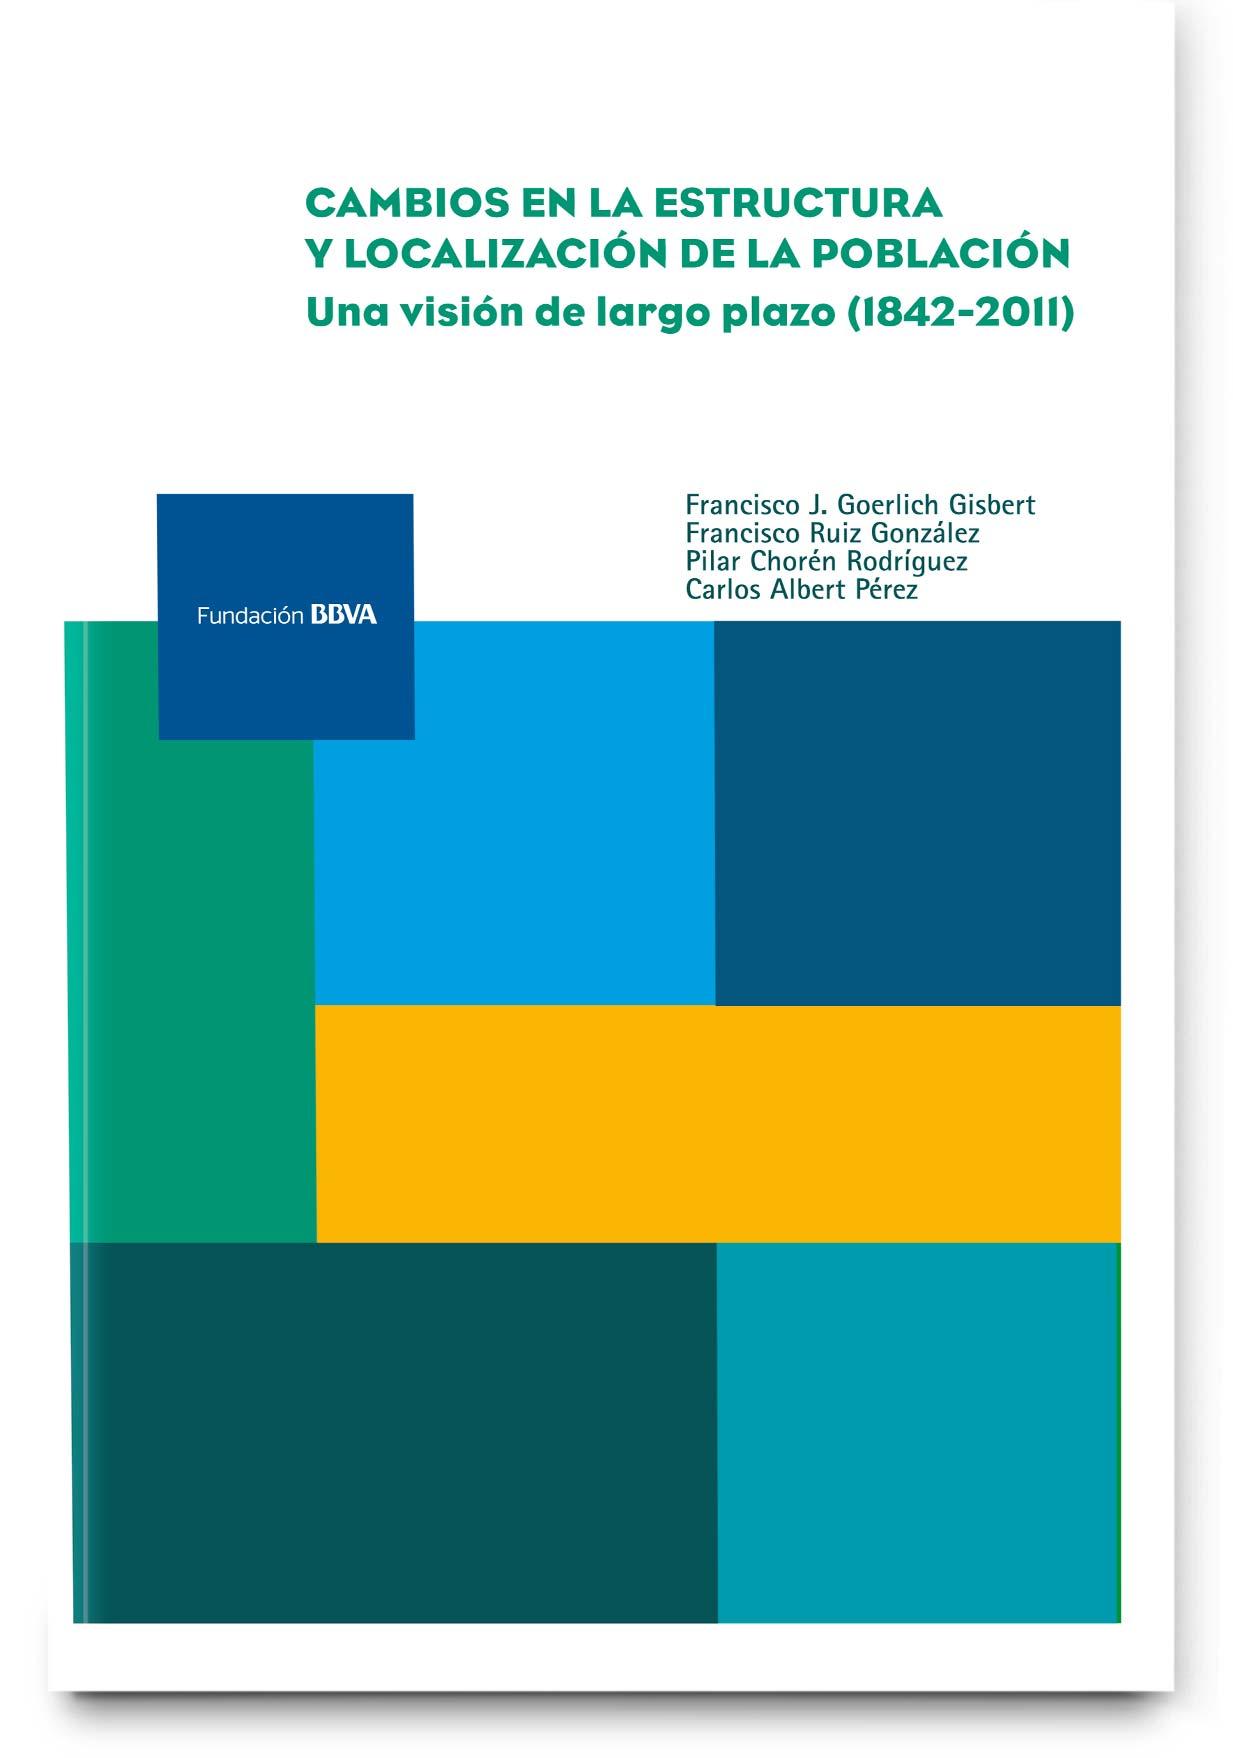 Cambios en la estructura y localización de la población: una visión de largo plazo (1842-2011)